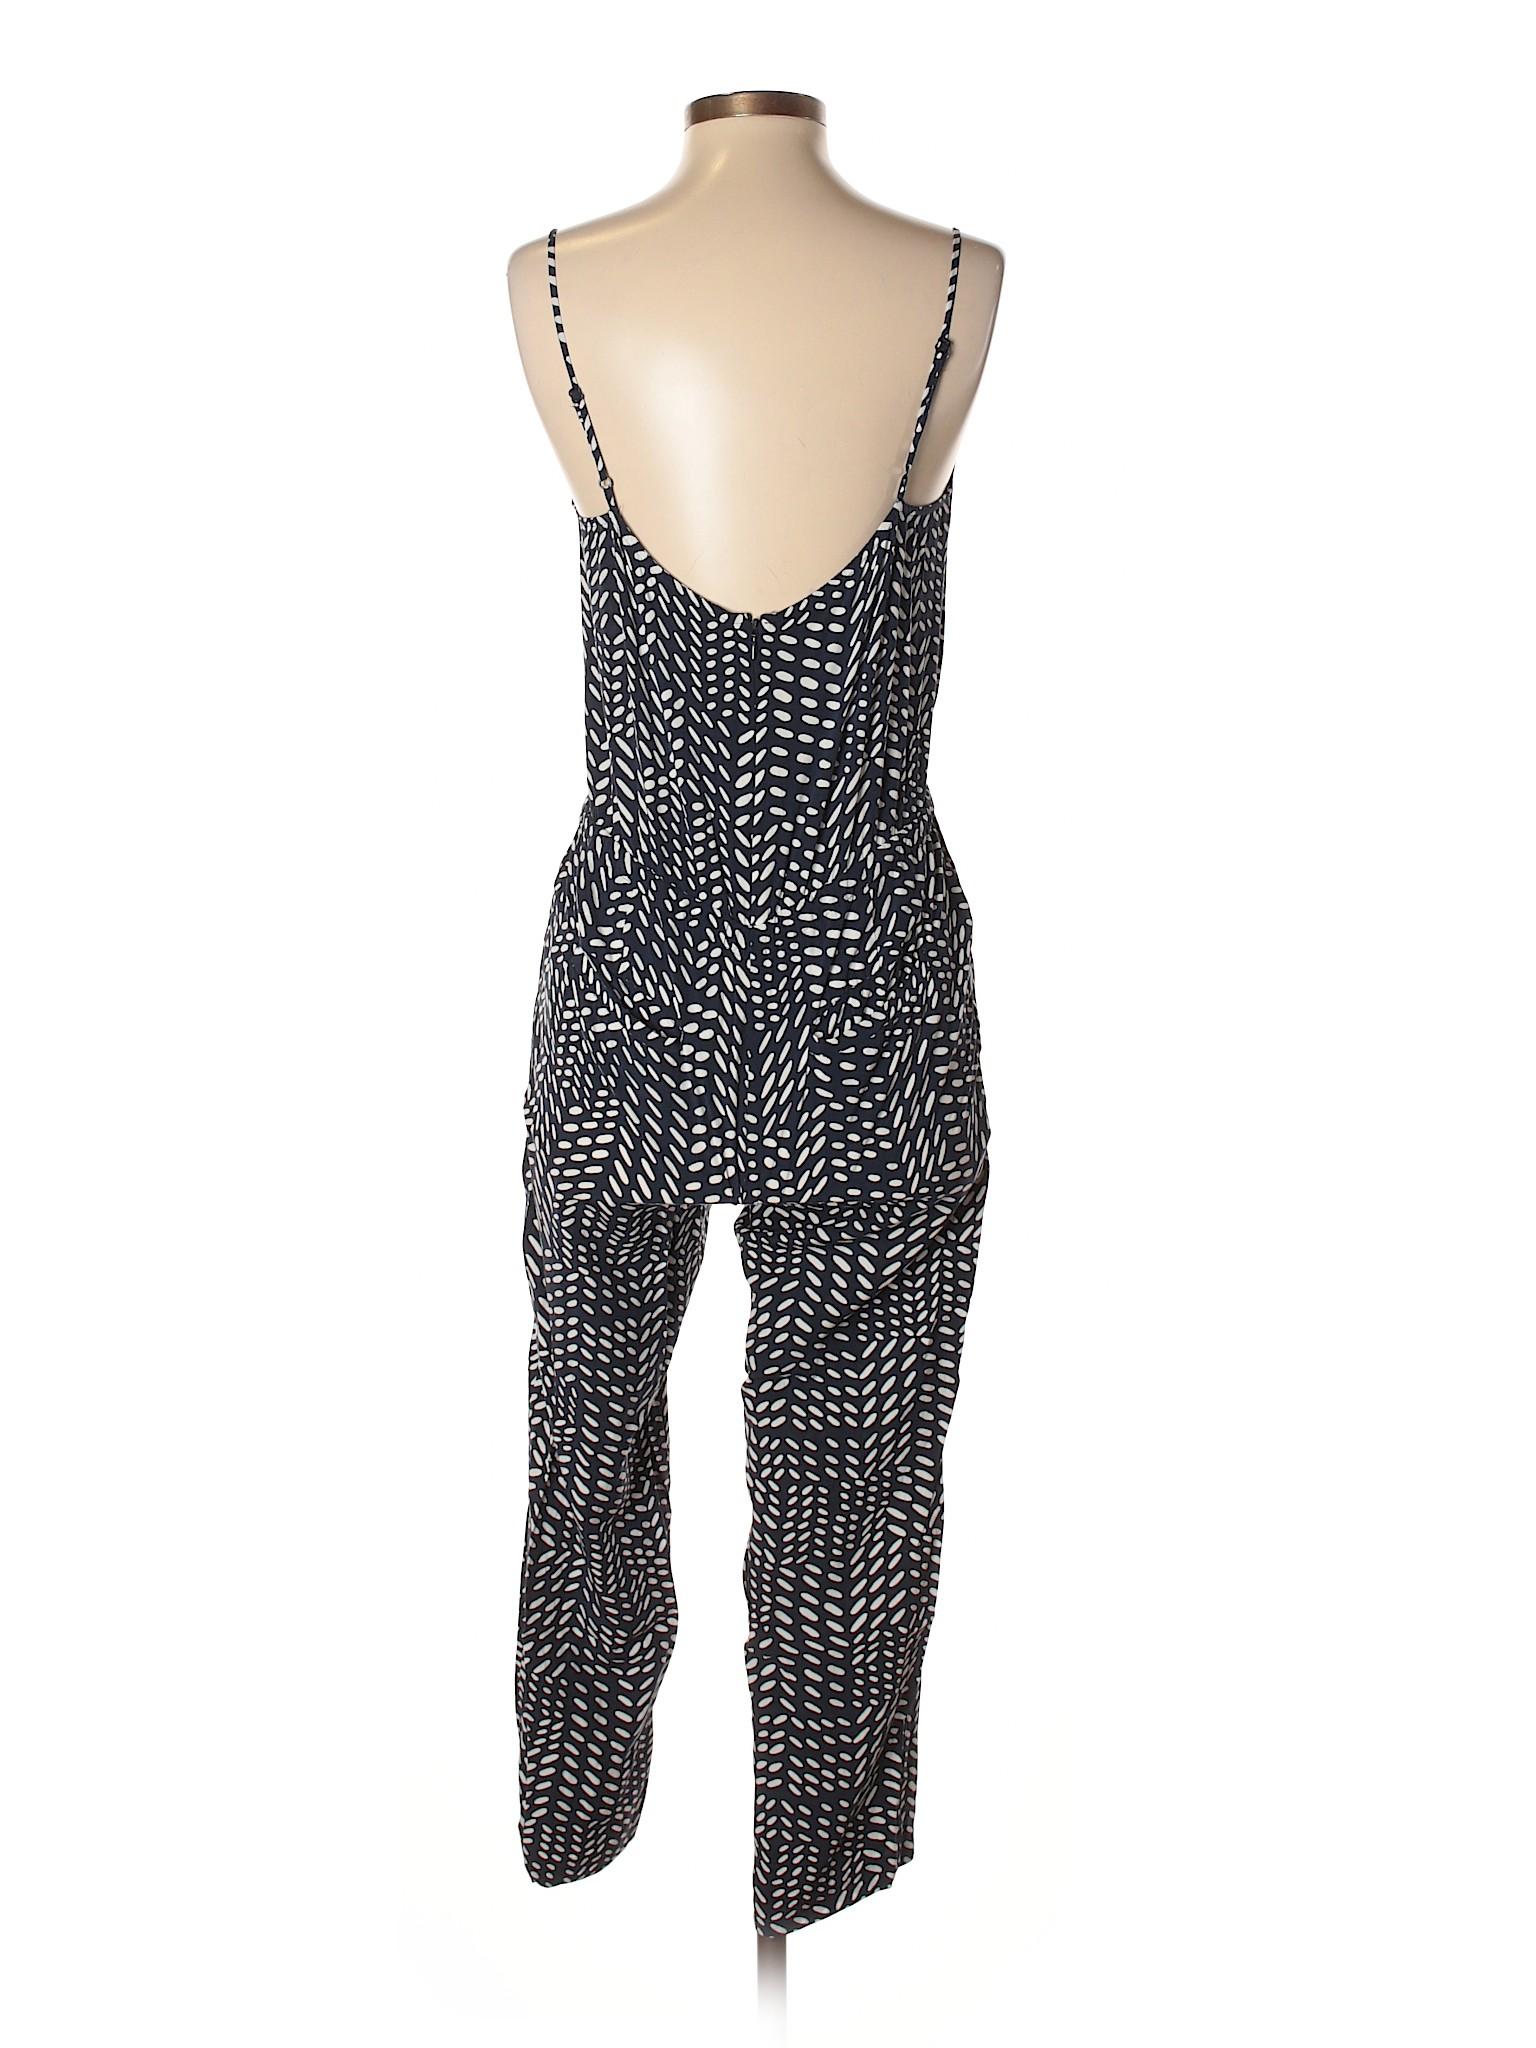 Taylor Jumpsuit LOFT Boutique winter Ann HzqnaEn0